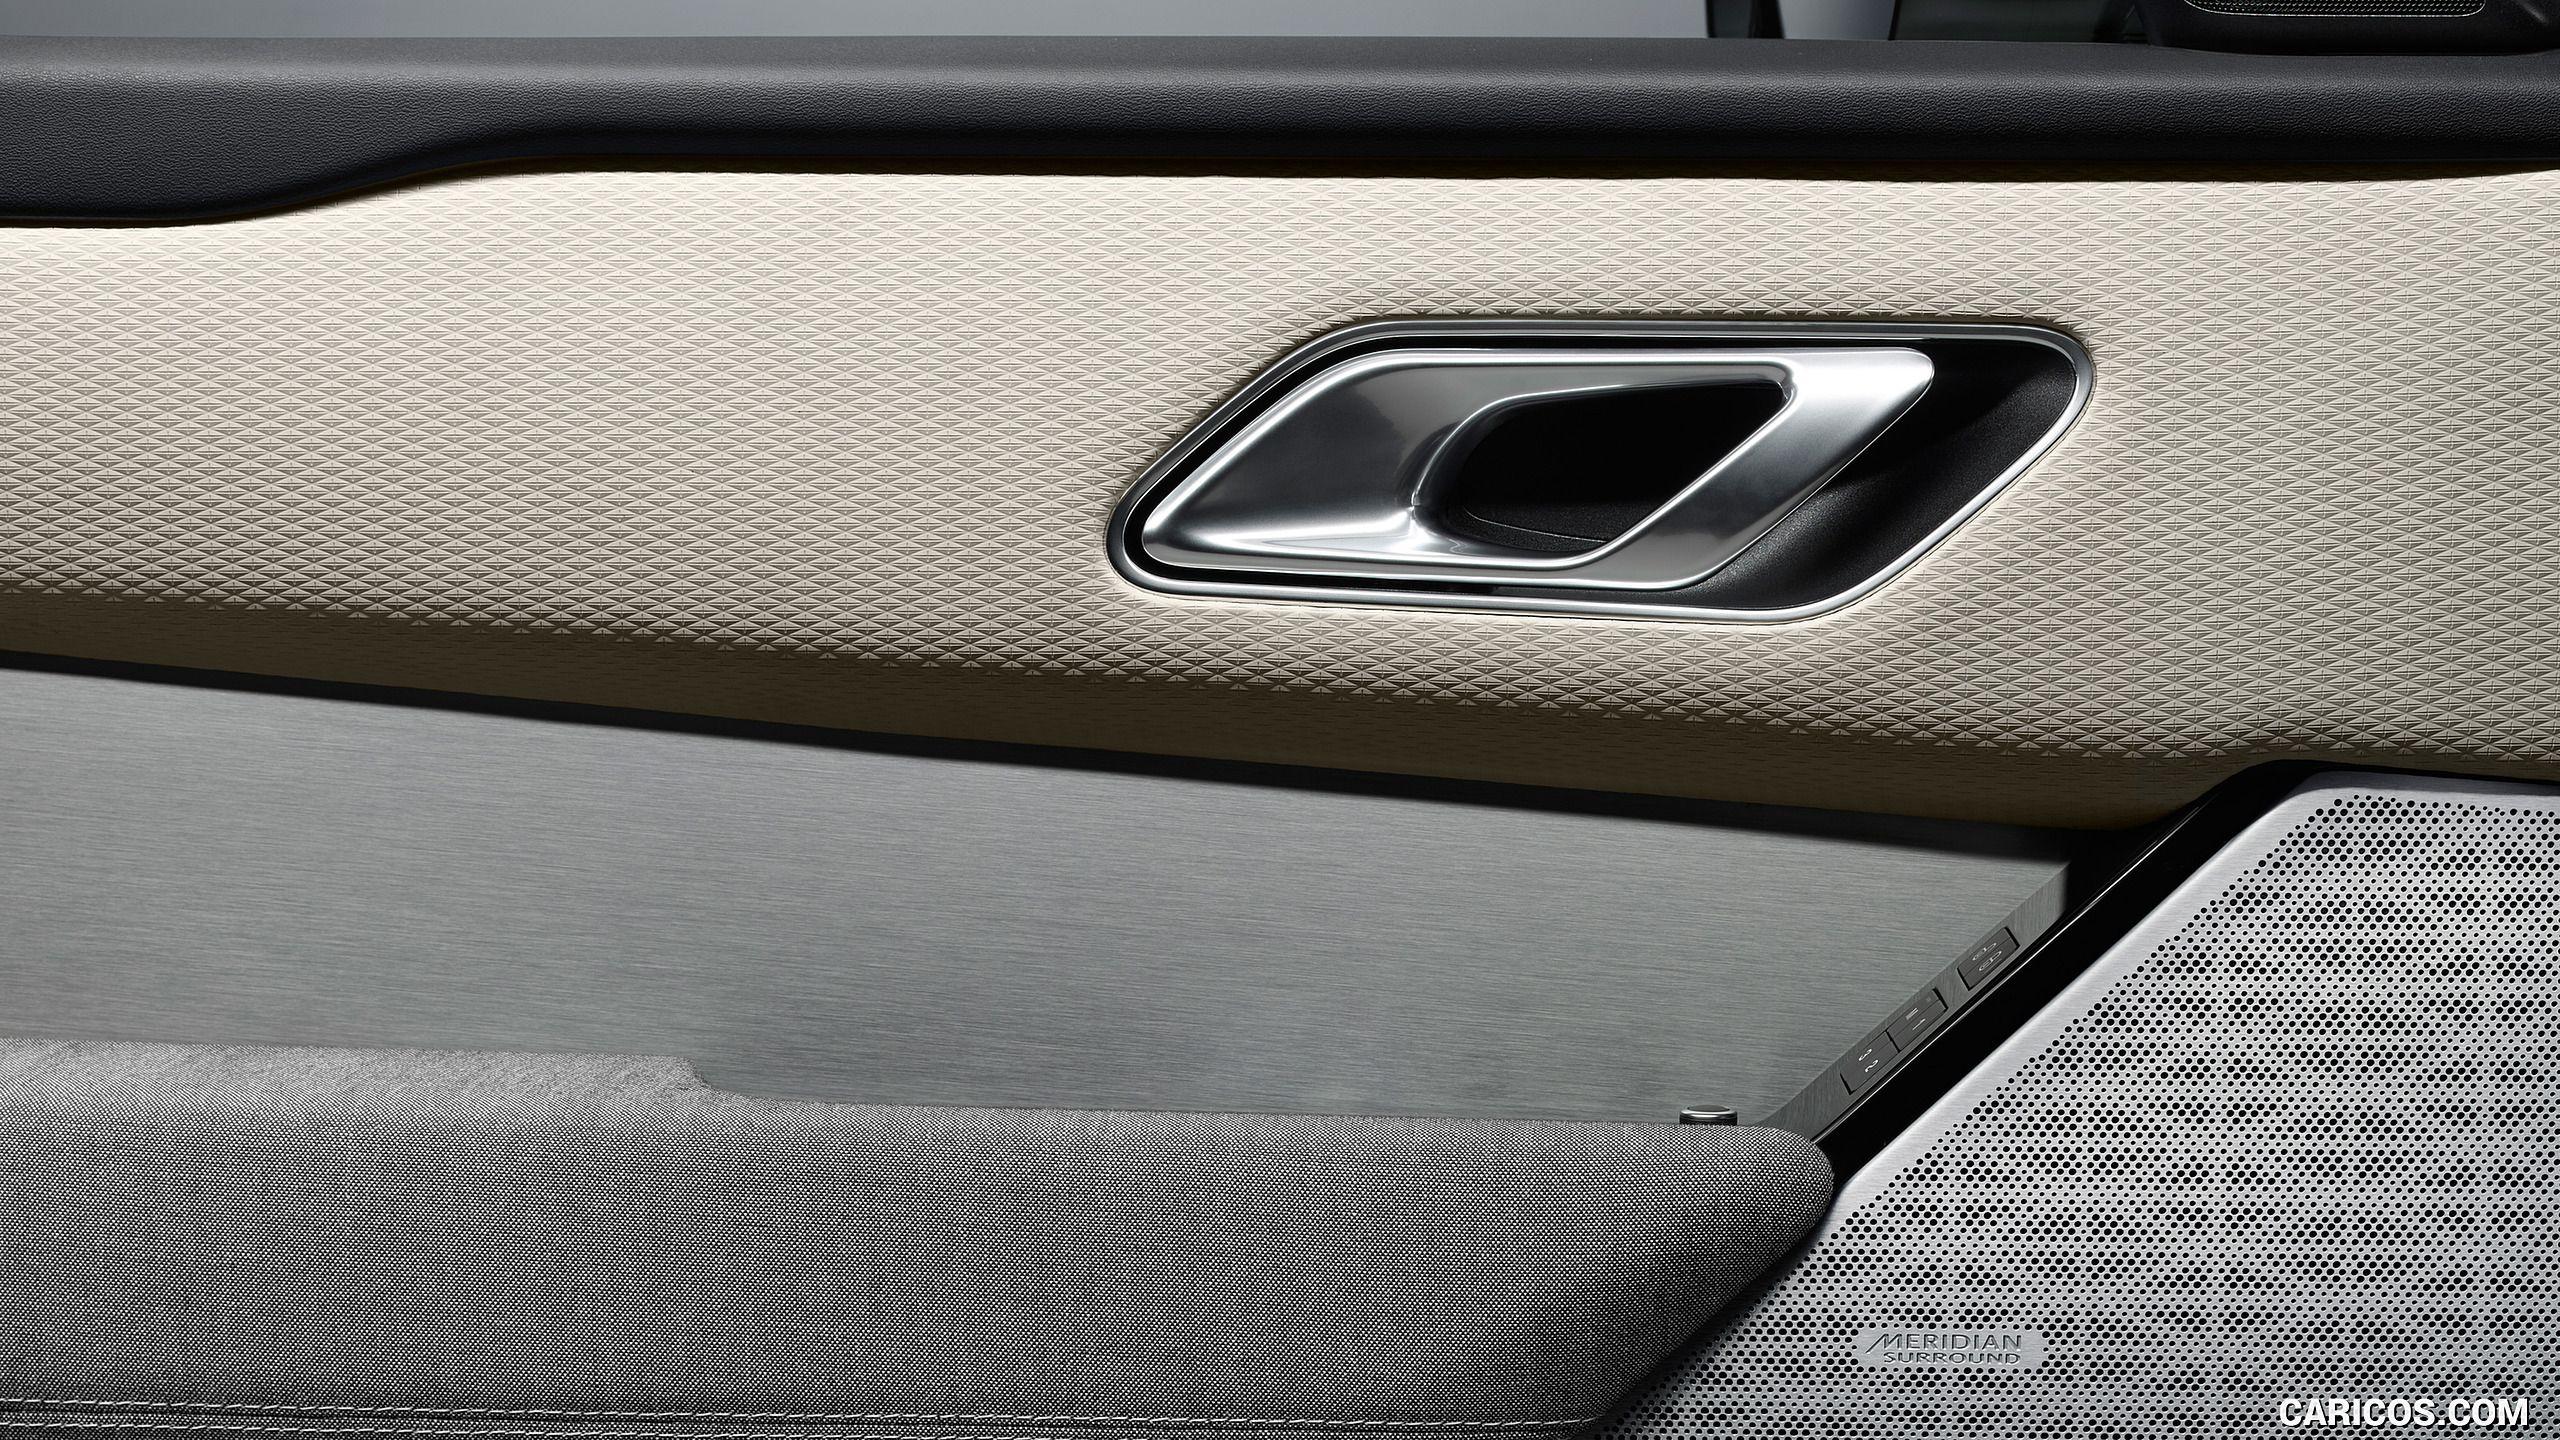 2018 Range Rover Velar Wallpaper Range rover, Honda logo